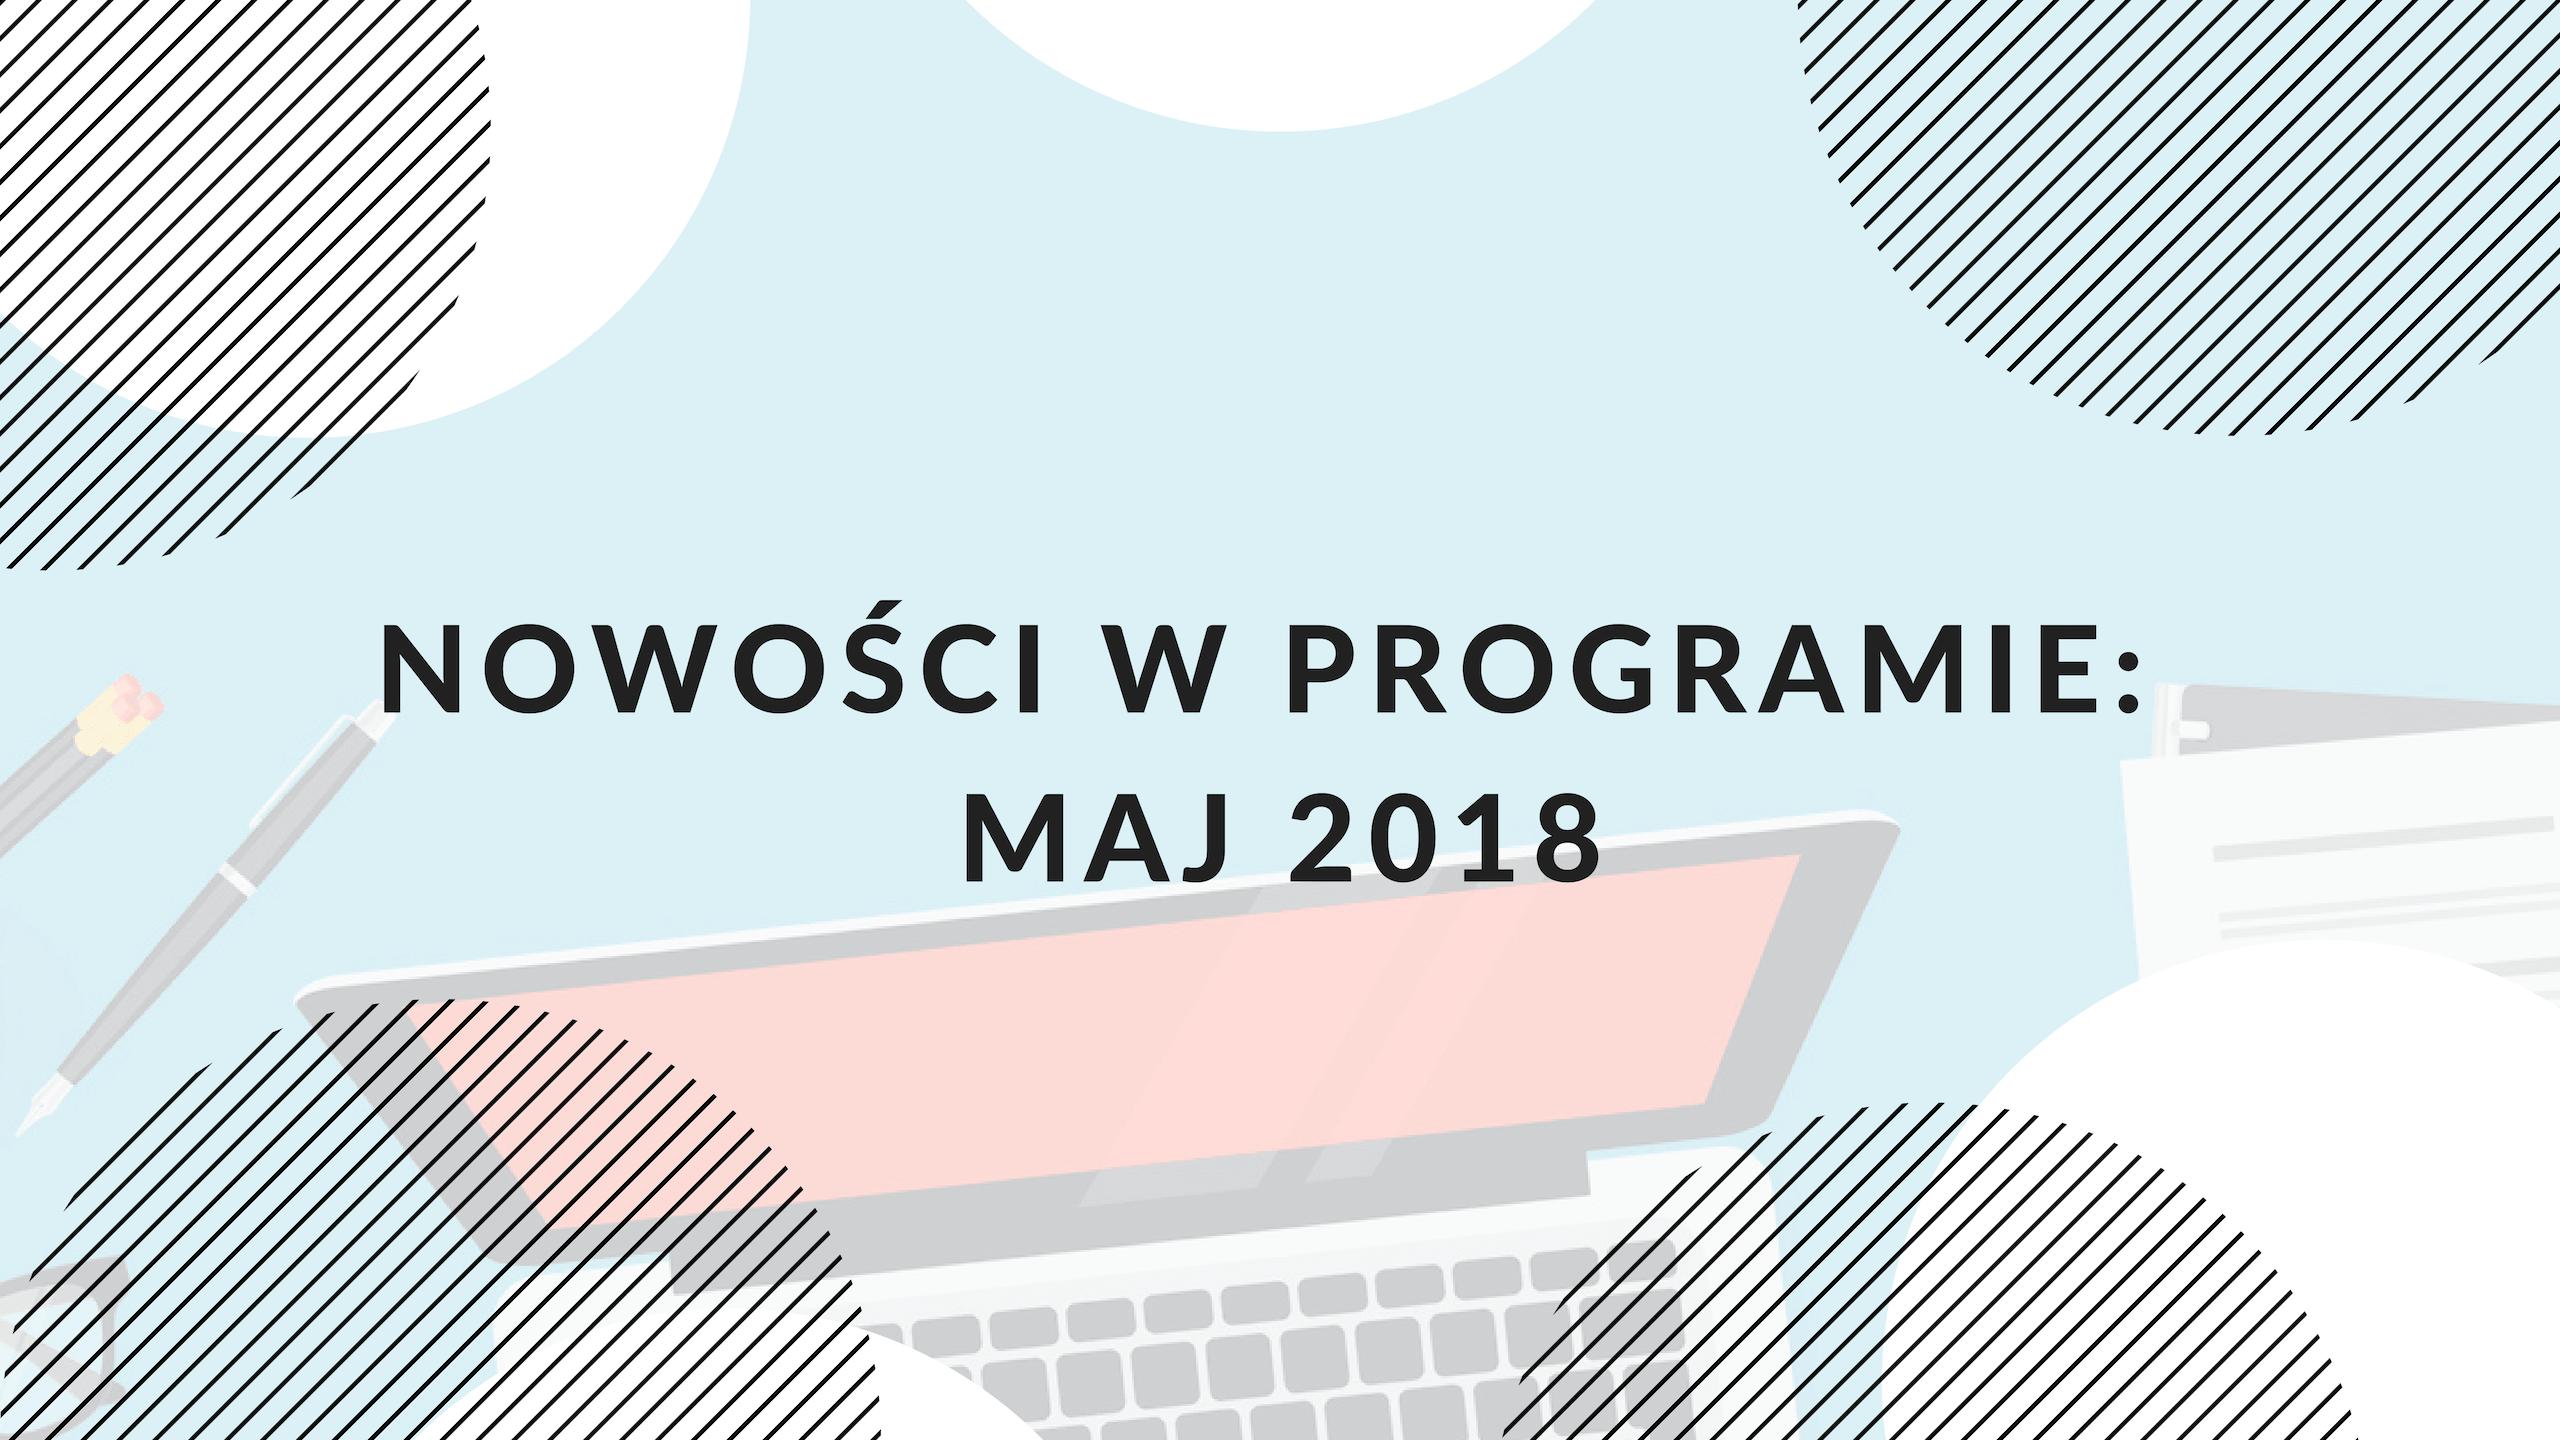 Nowe funkcjonalności w programie: maj 2018